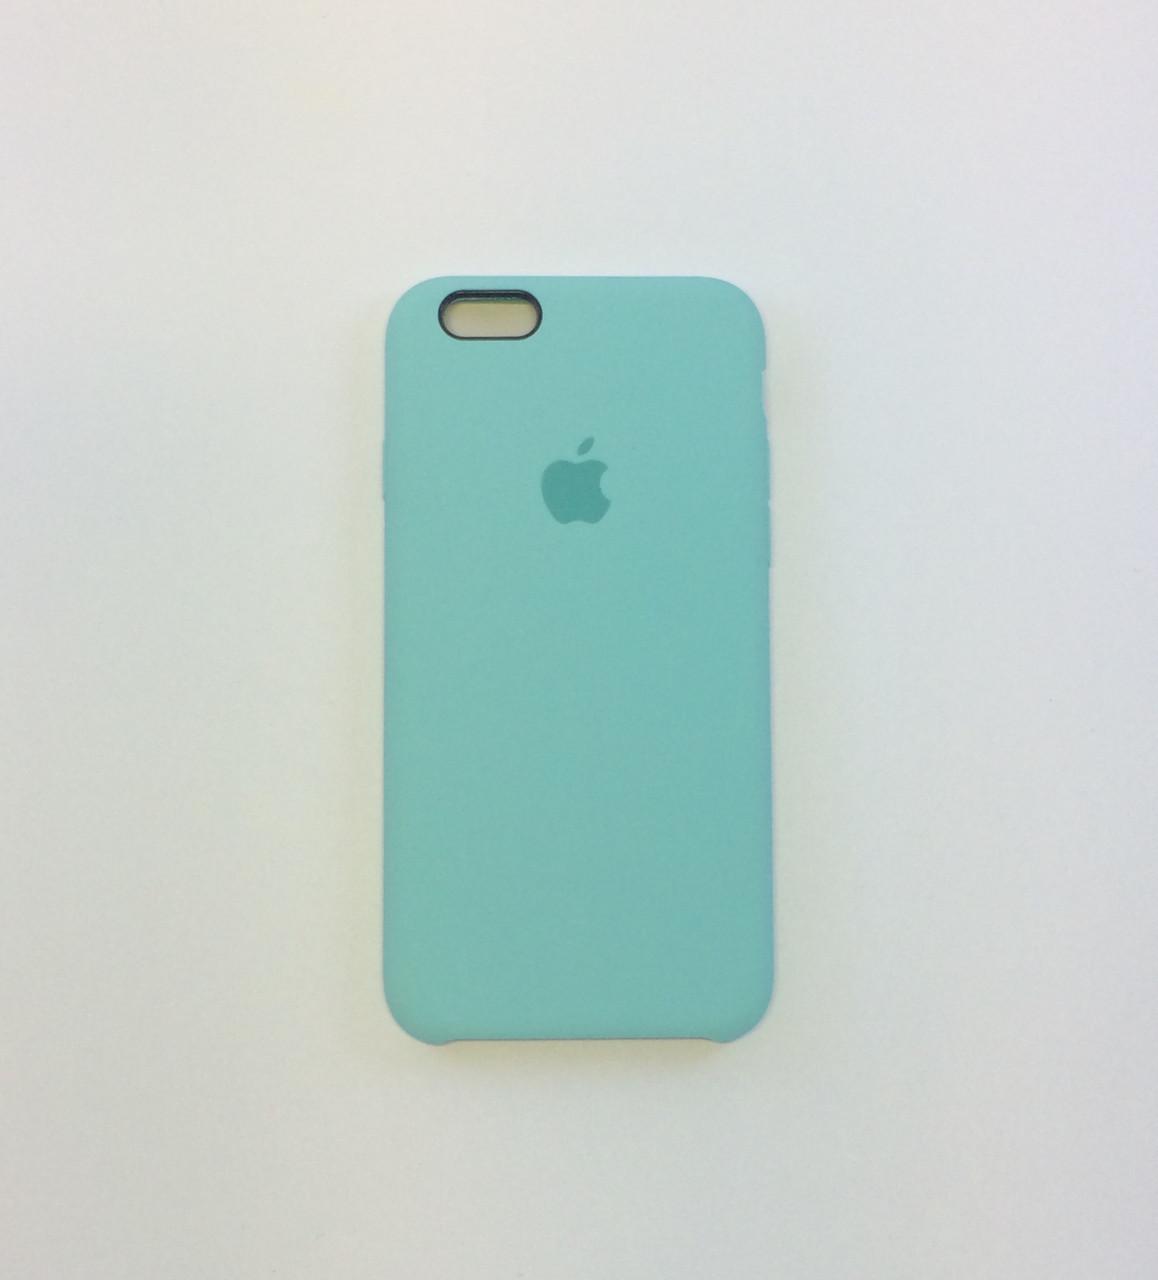 Силиконовый чехол iPhone 6/6s, зеленая лагуна, copy original